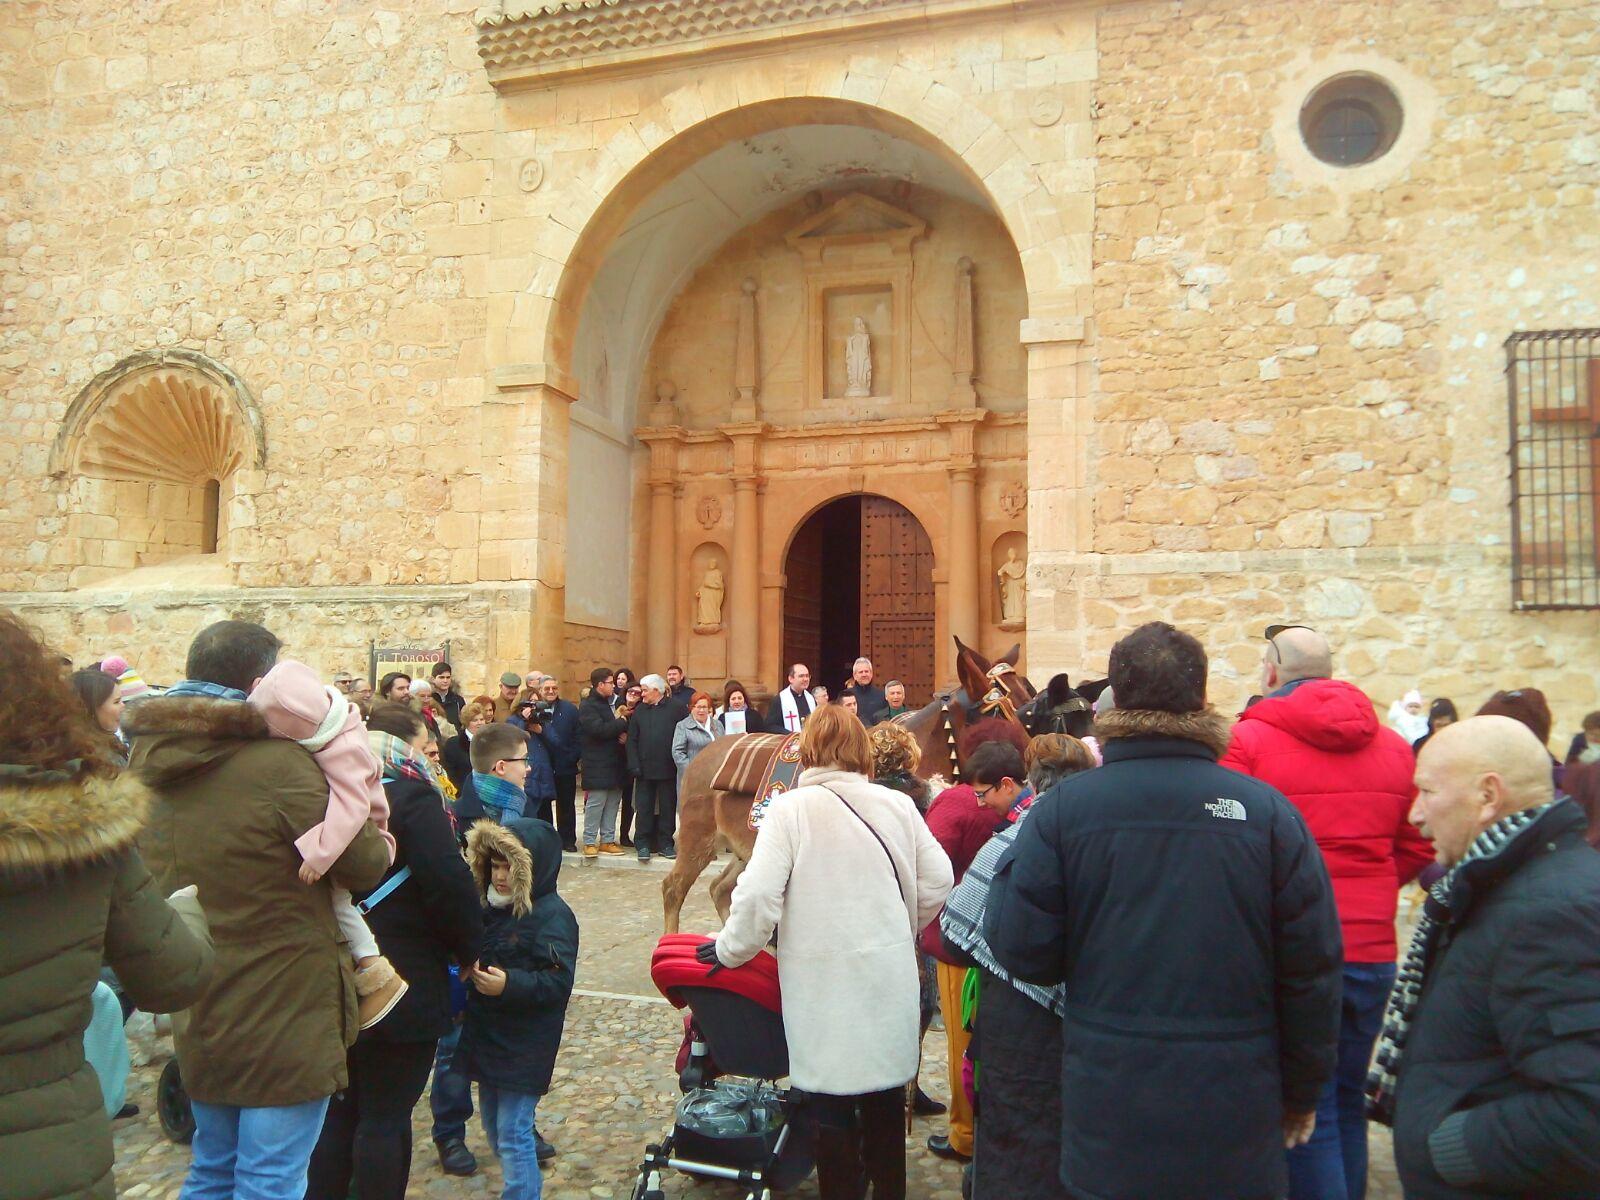 Devoción religiosa y Carnaval popular, las primeras fiestas del año en El Toboso